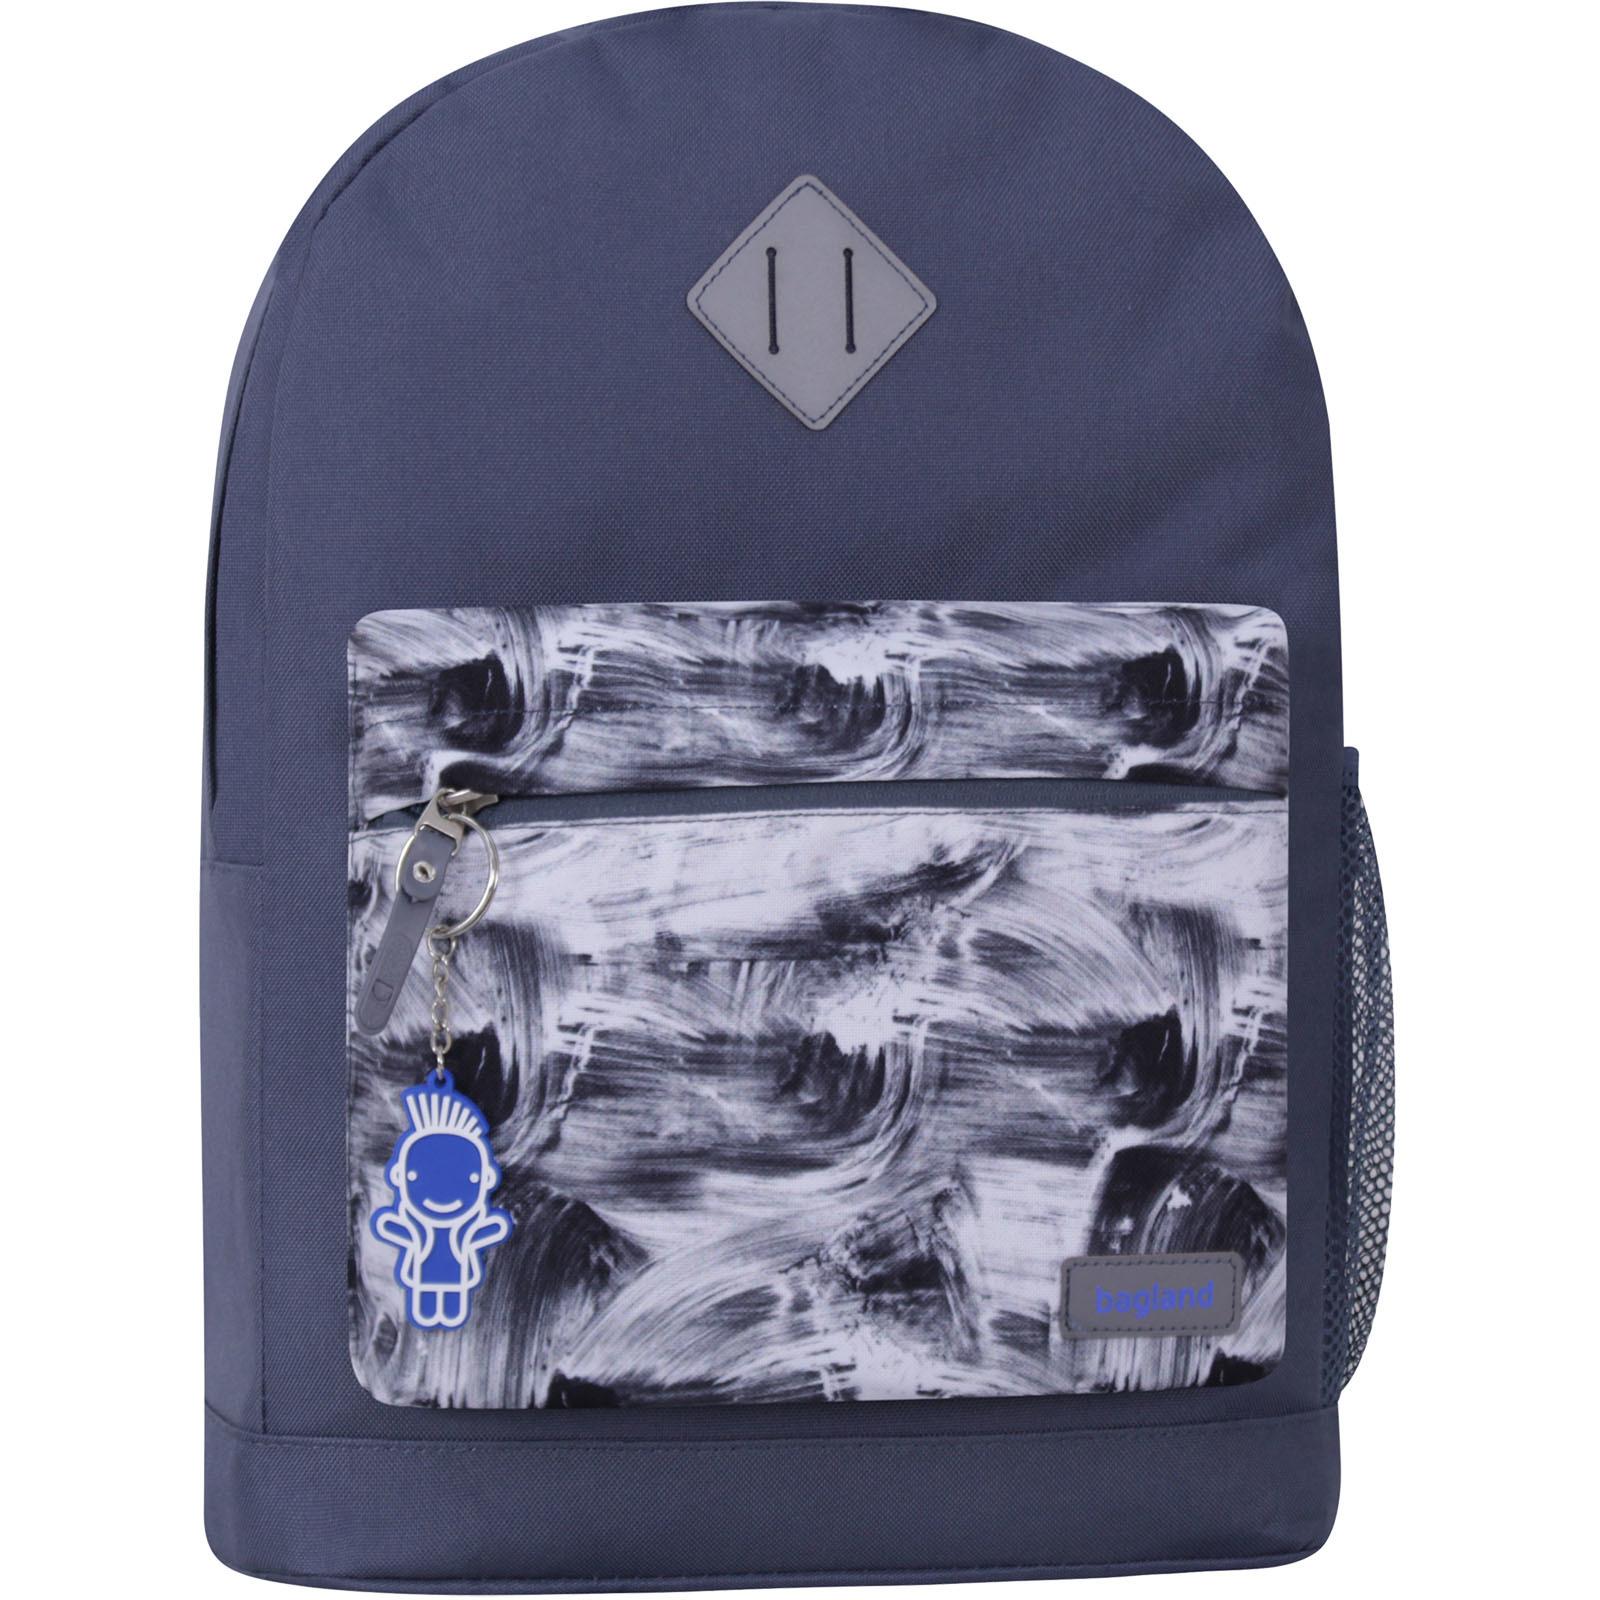 Городские рюкзаки Рюкзак Bagland Молодежный W/R 17 л. Серый 968 (00533662) IMG_1100_суб968_-1600.jpg